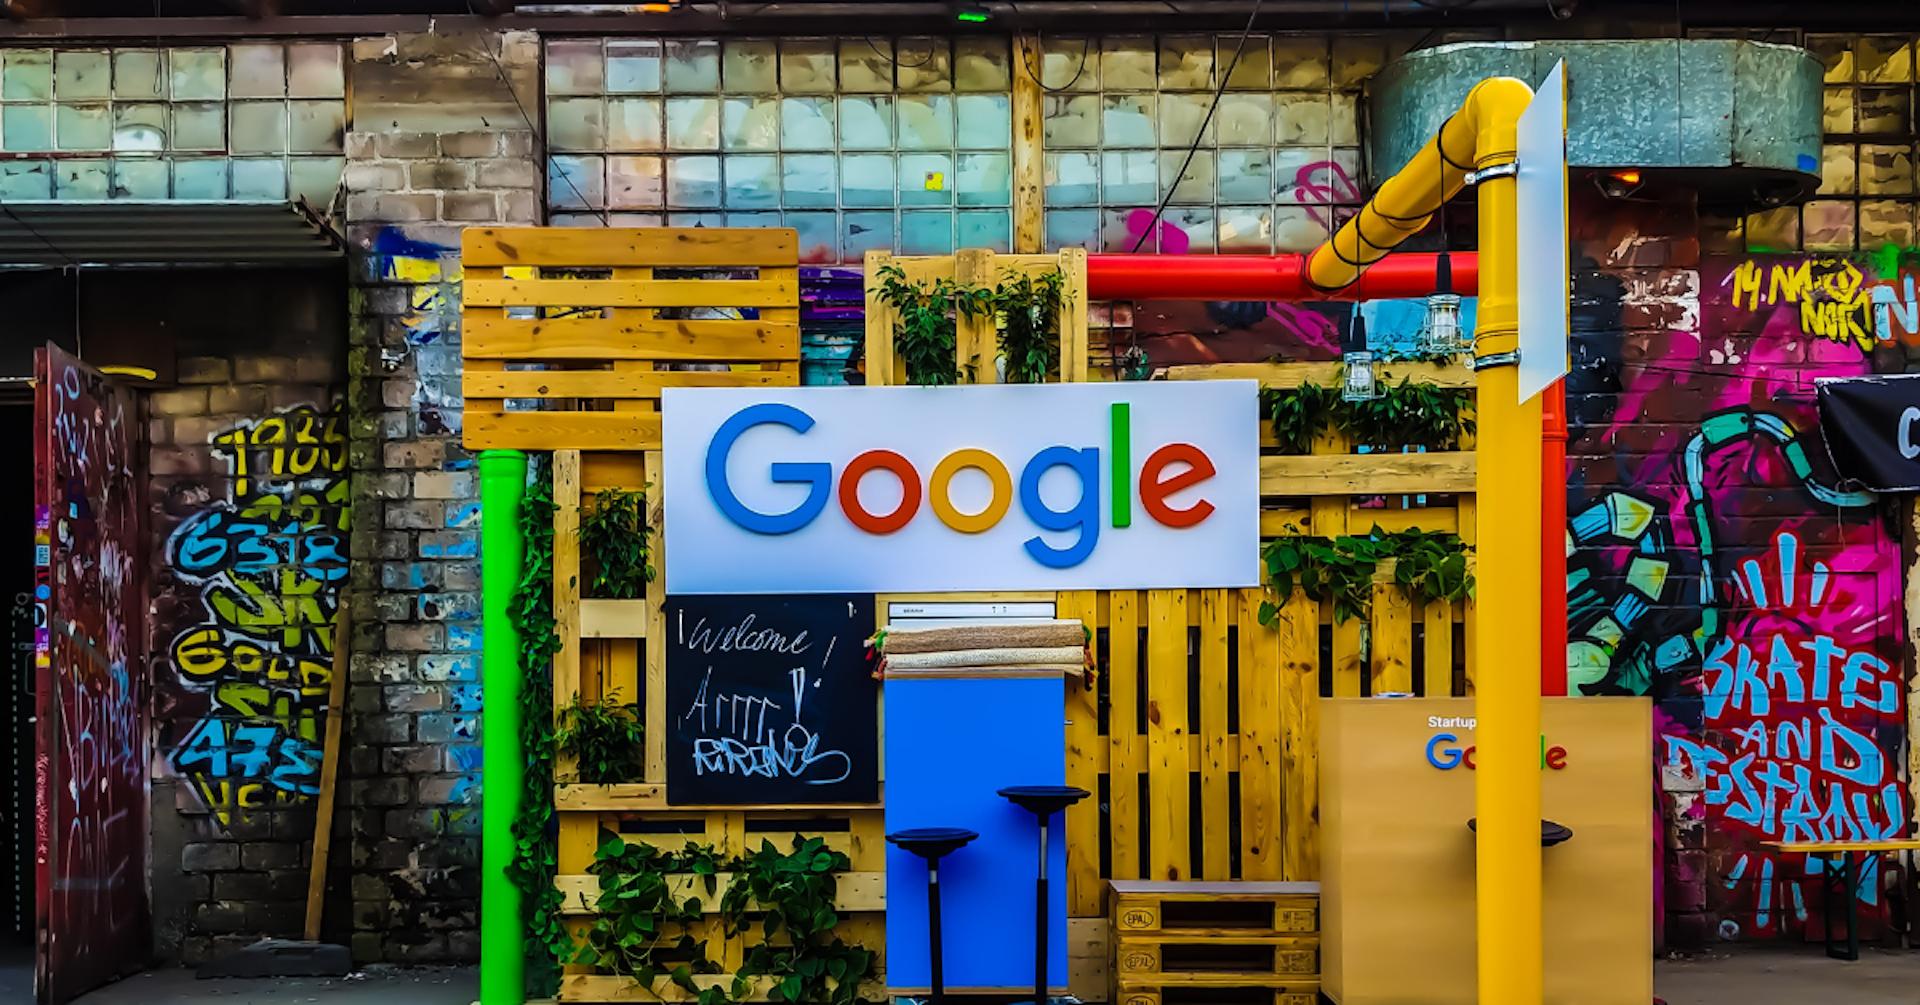 ¿Cómo recuperar fotos de Google Photos? Aprende a restaurar tus imágenes y videos